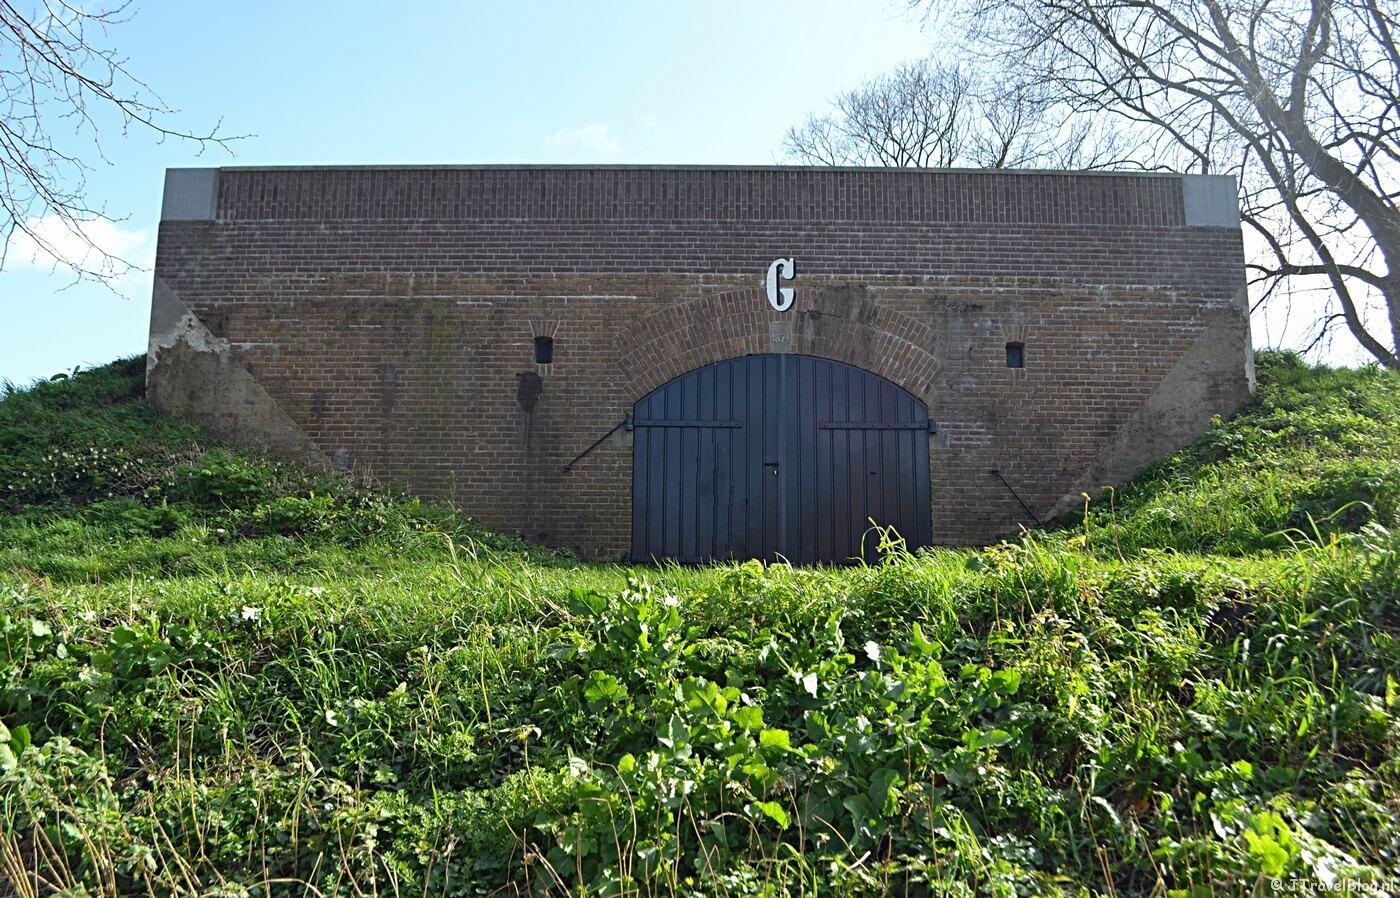 Fort C in Muiden